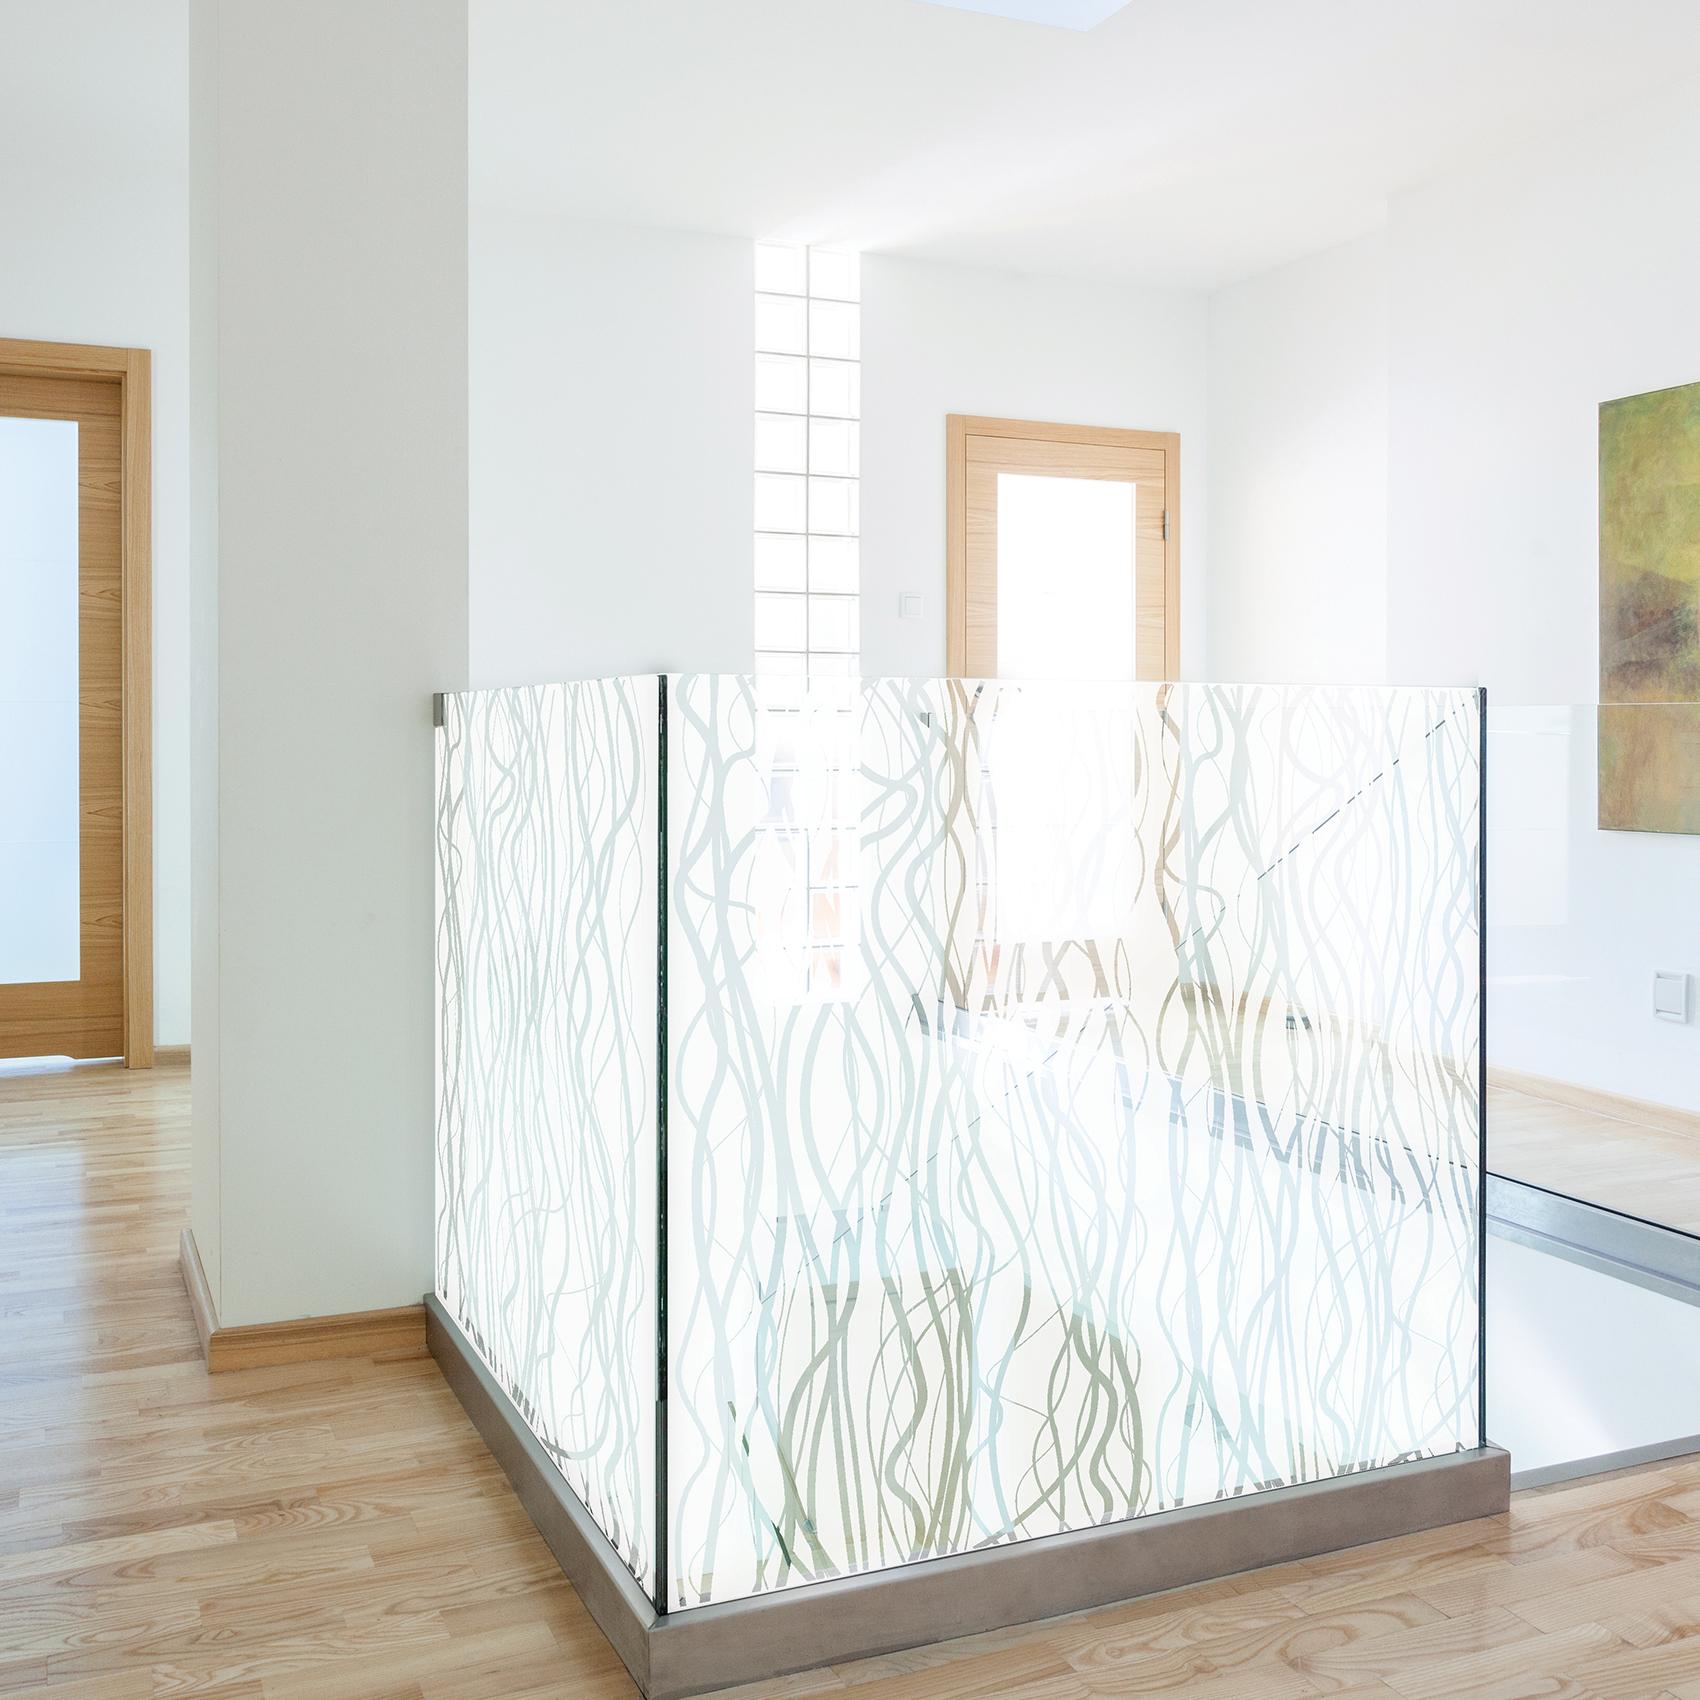 5 9€ m² Milchglasfolie Sichtschutzfolie Fensterfolie Frosted